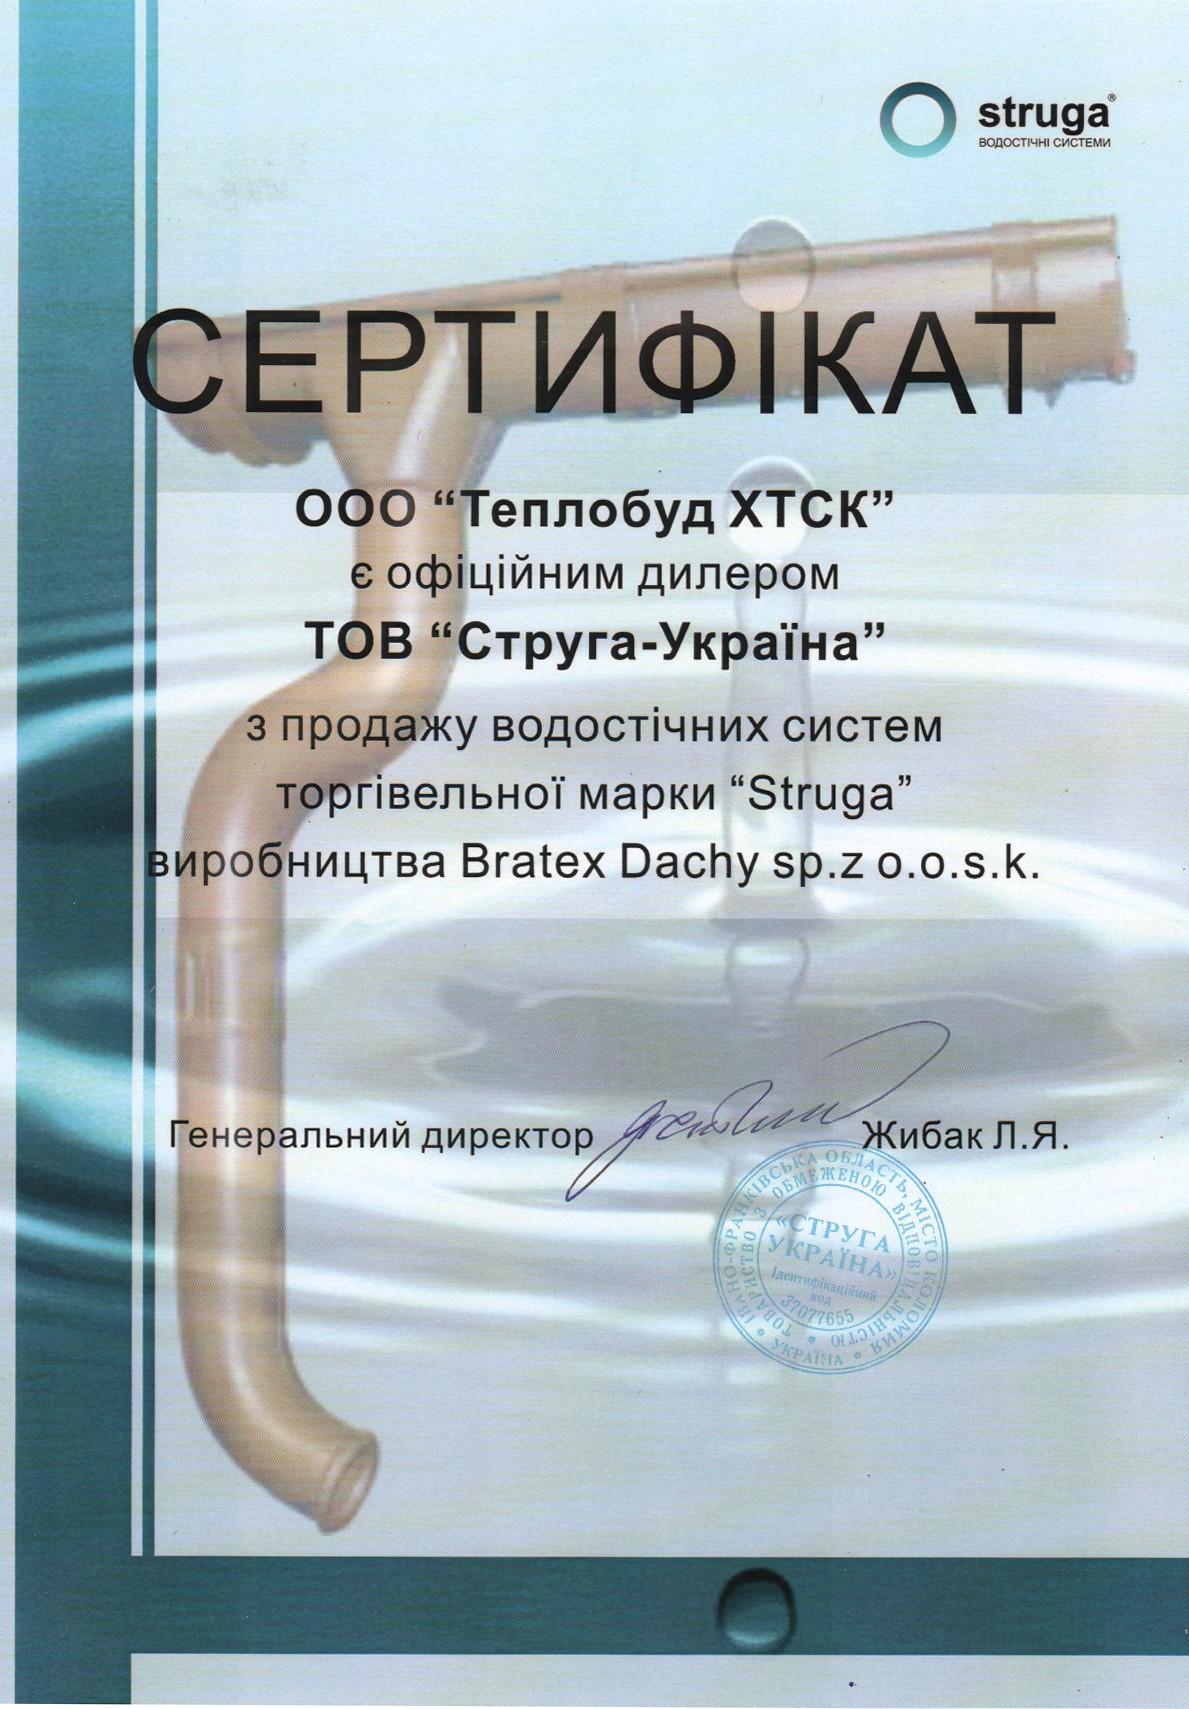 Водосточные системы Struga сертификат дилера